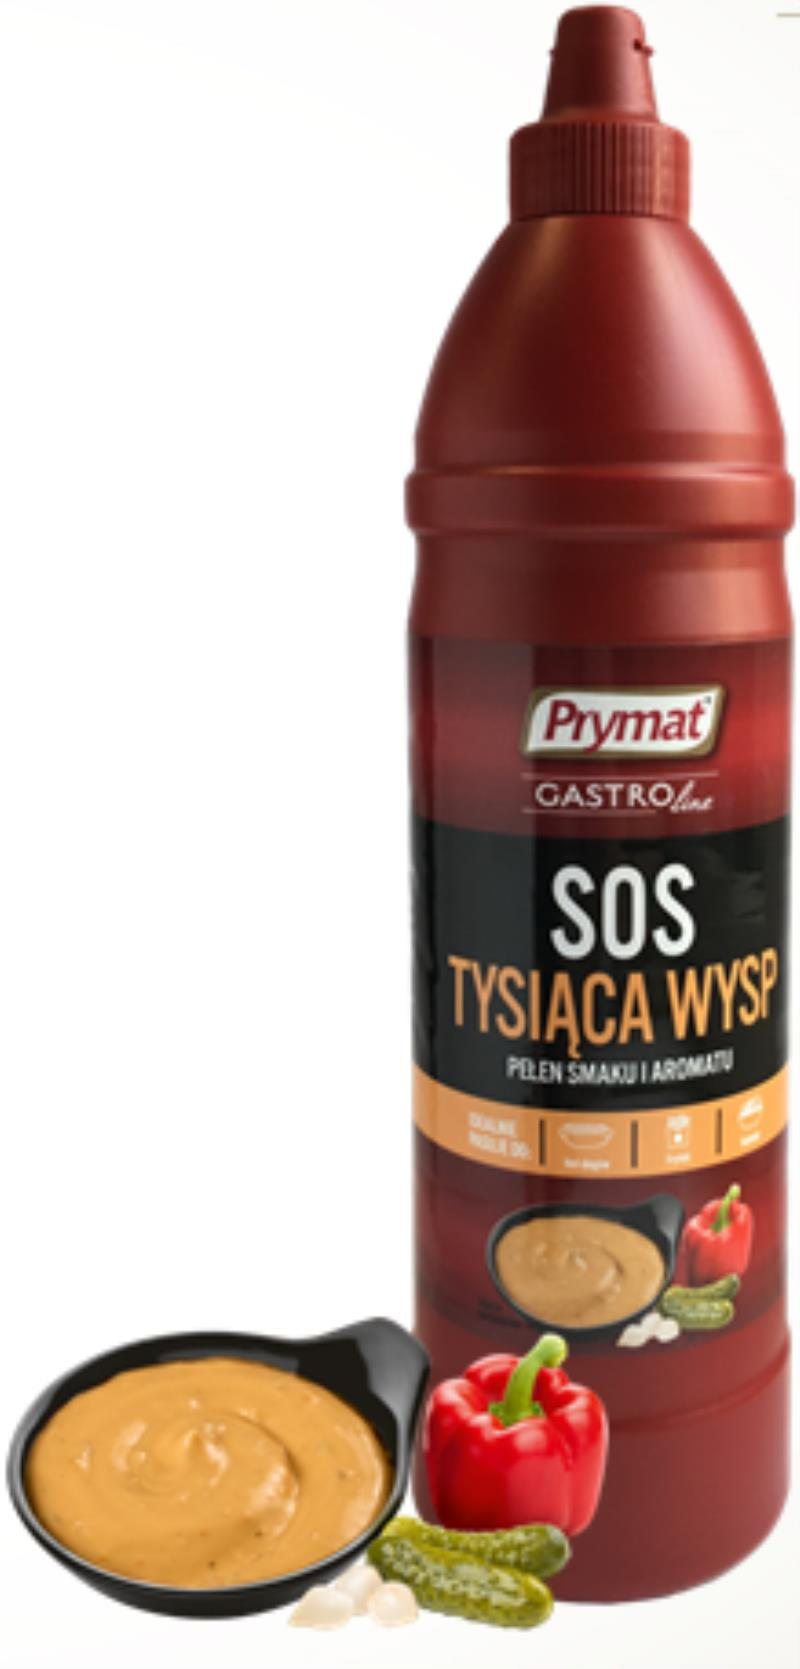 SOS TYSIACA WYSP BUTELKA PET 950G